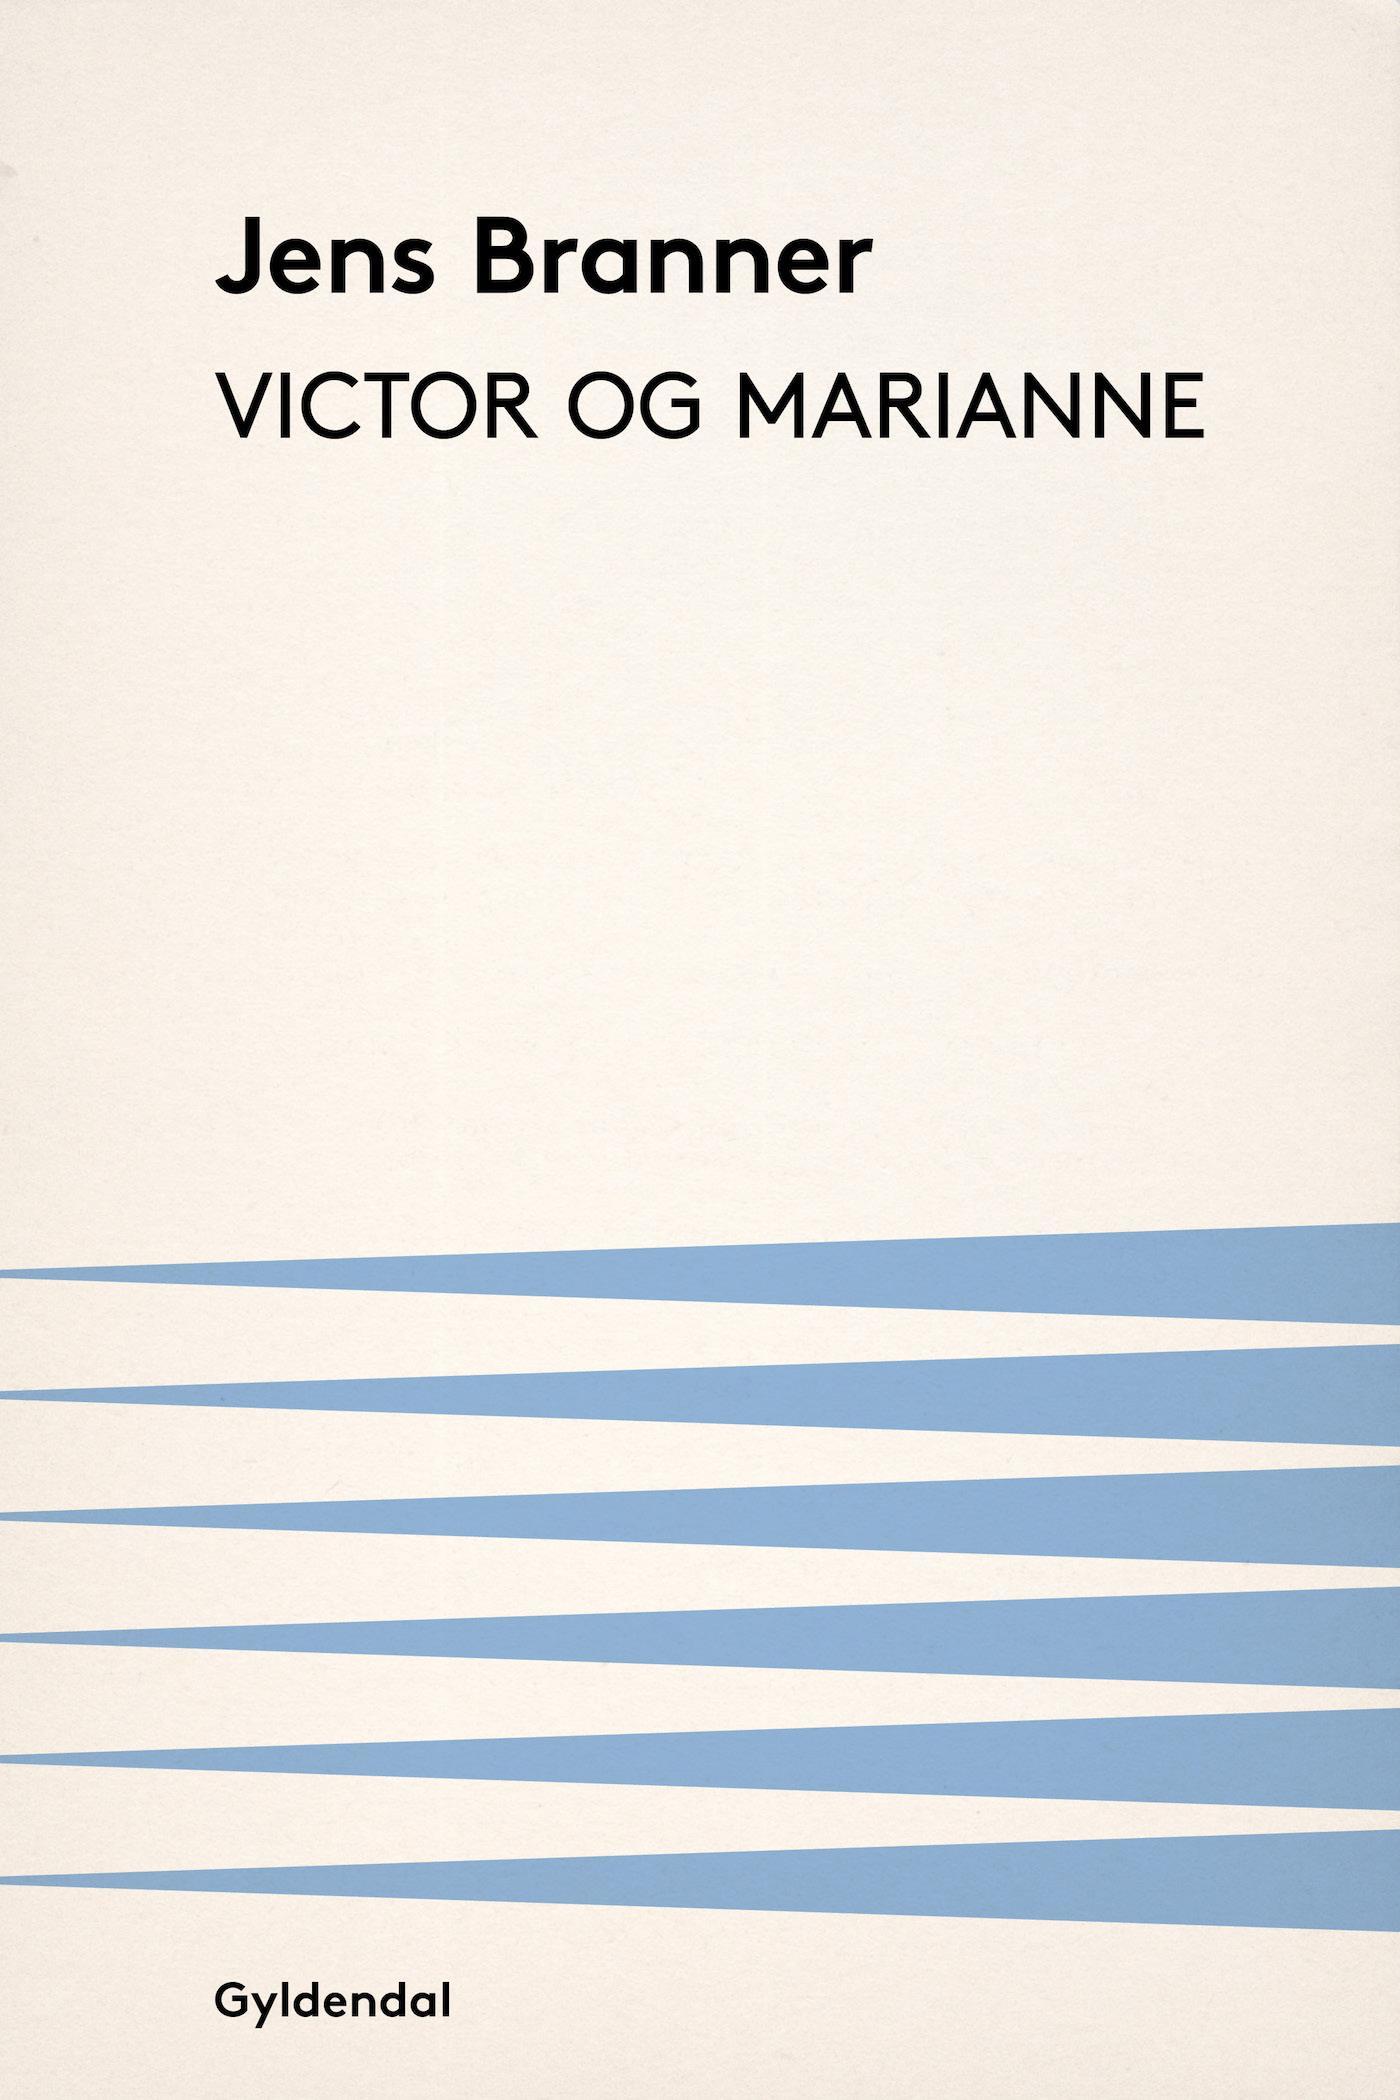 Victor og marianne - e-bog fra N/A på bog & mystik